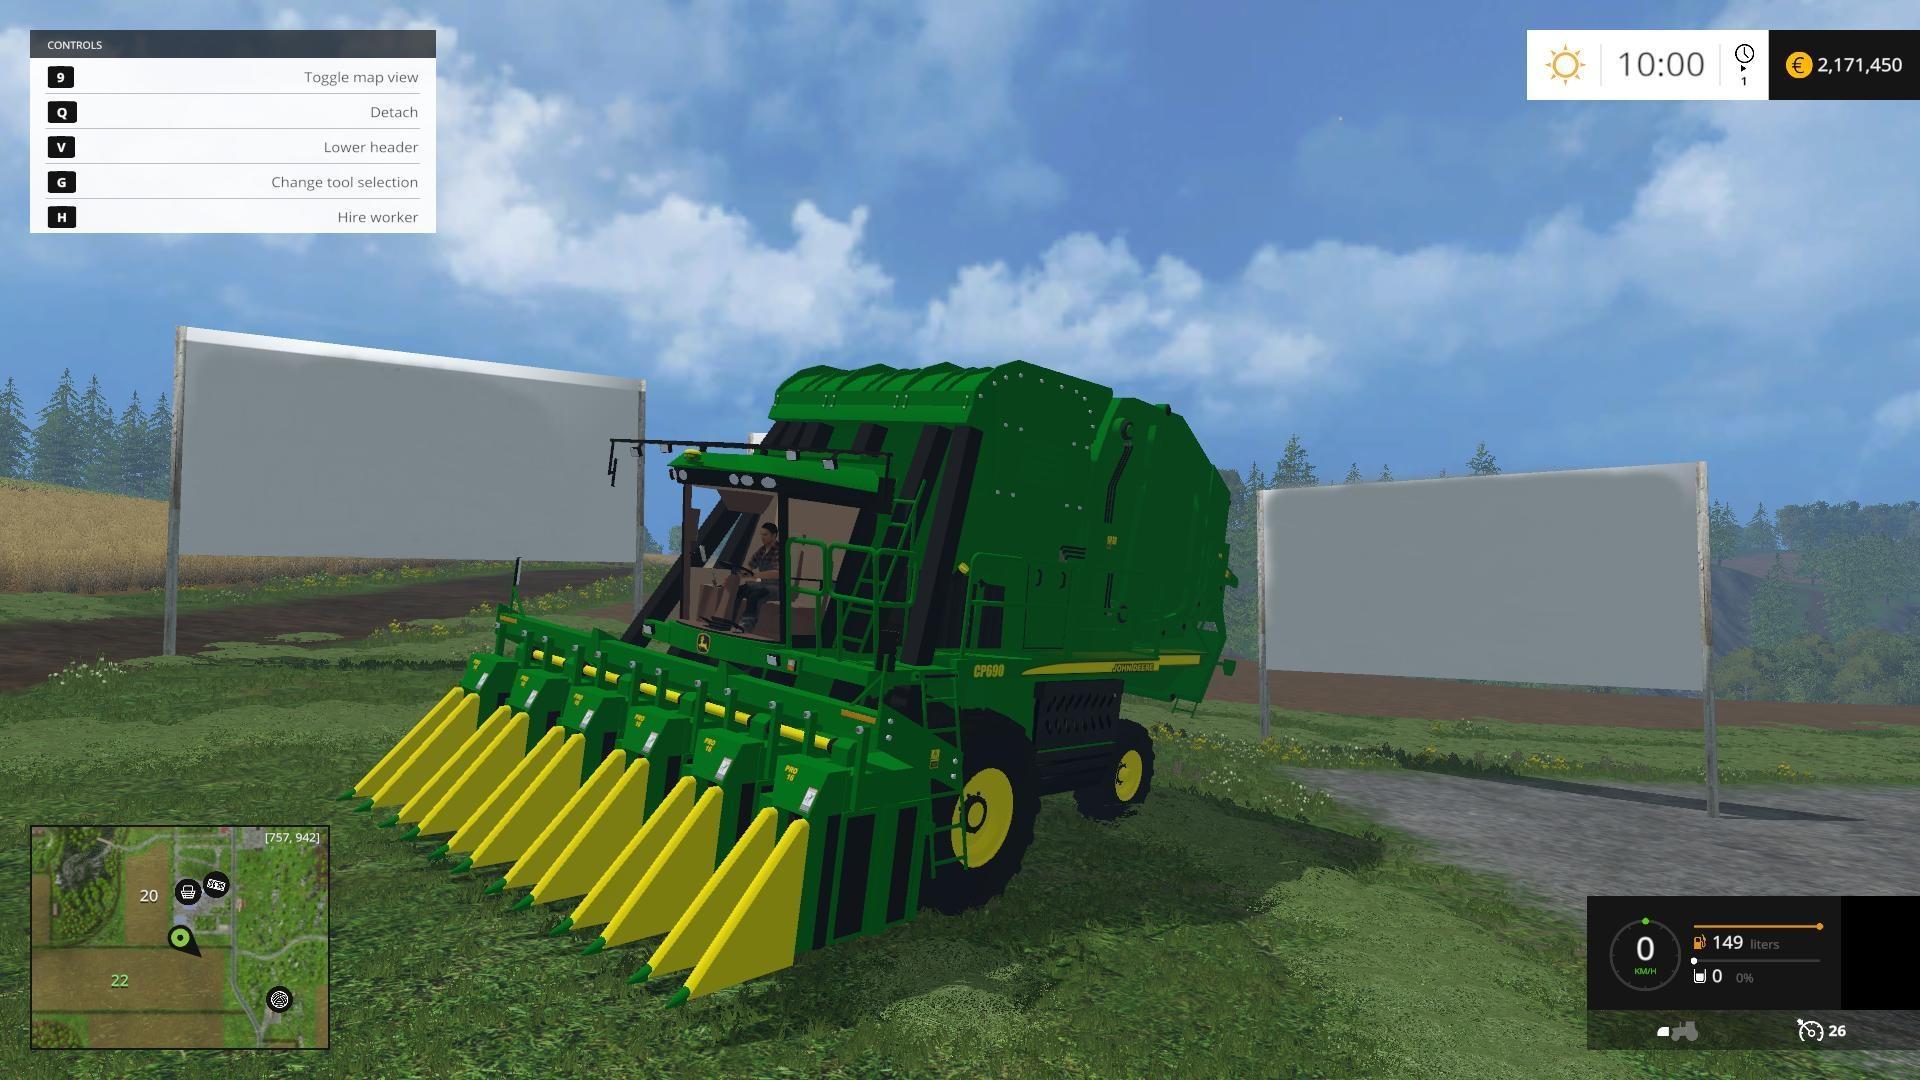 JOHN DEERE 7760 COTTON PICKER V1 0 • Farming simulator 19, 17, 15